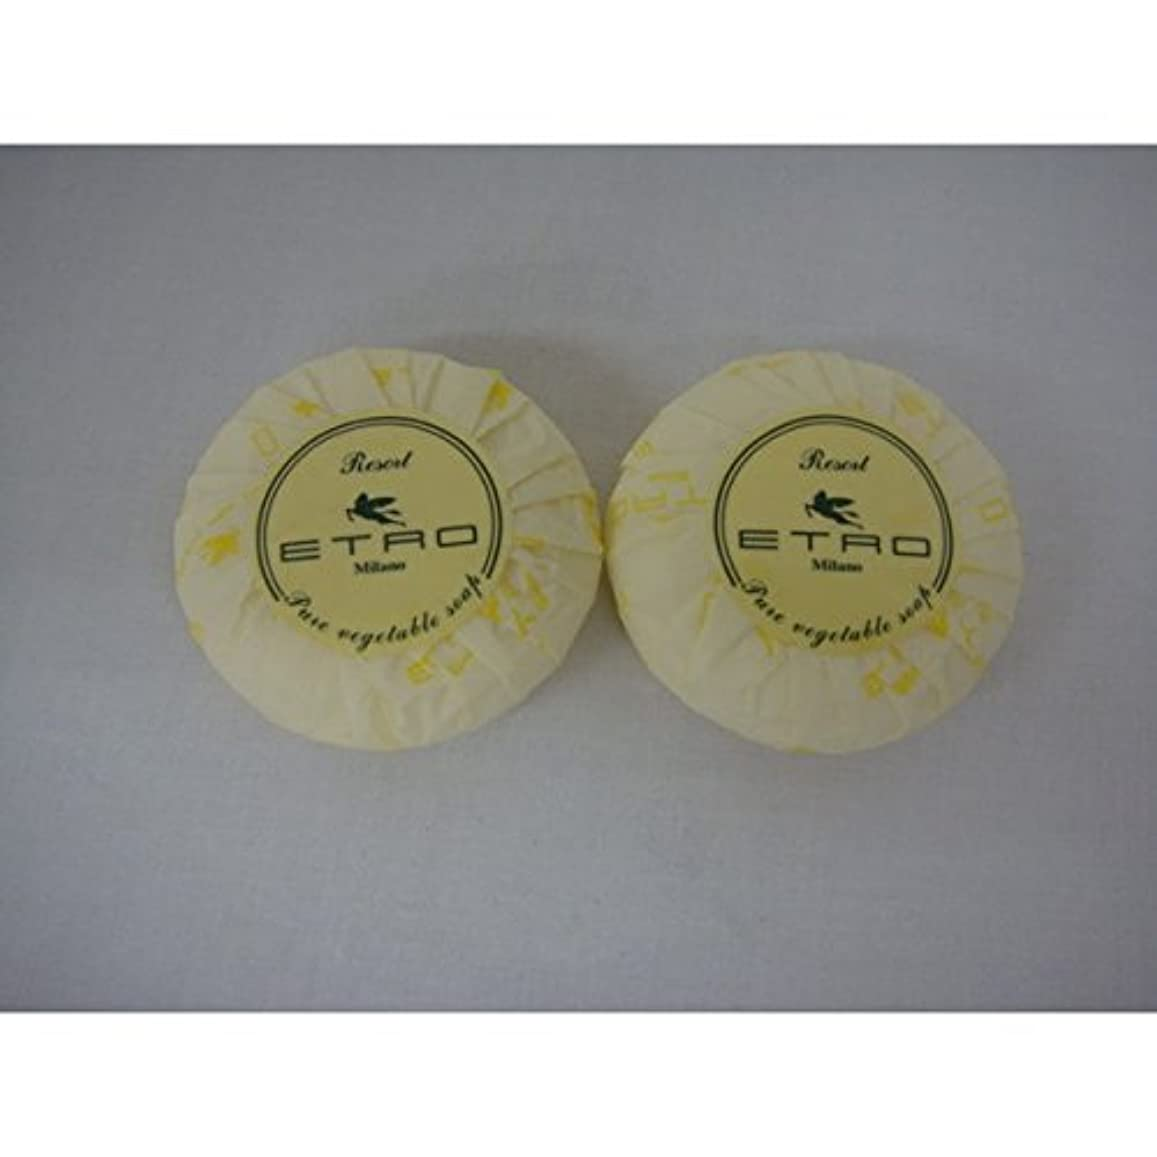 決定する差し控える皿ETRO エトロ ピュアベジタブルソープ 石鹸40g×2個